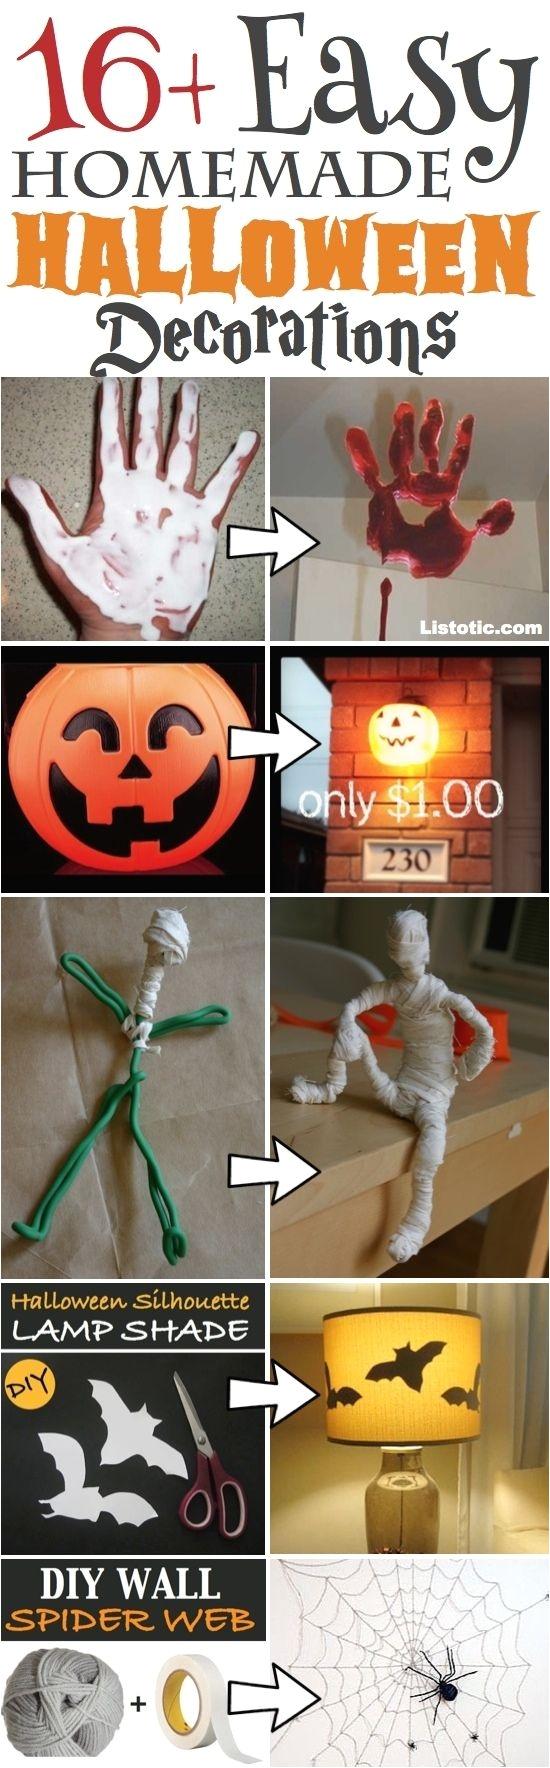 157 best halloween images on pinterest halloween diy halloween